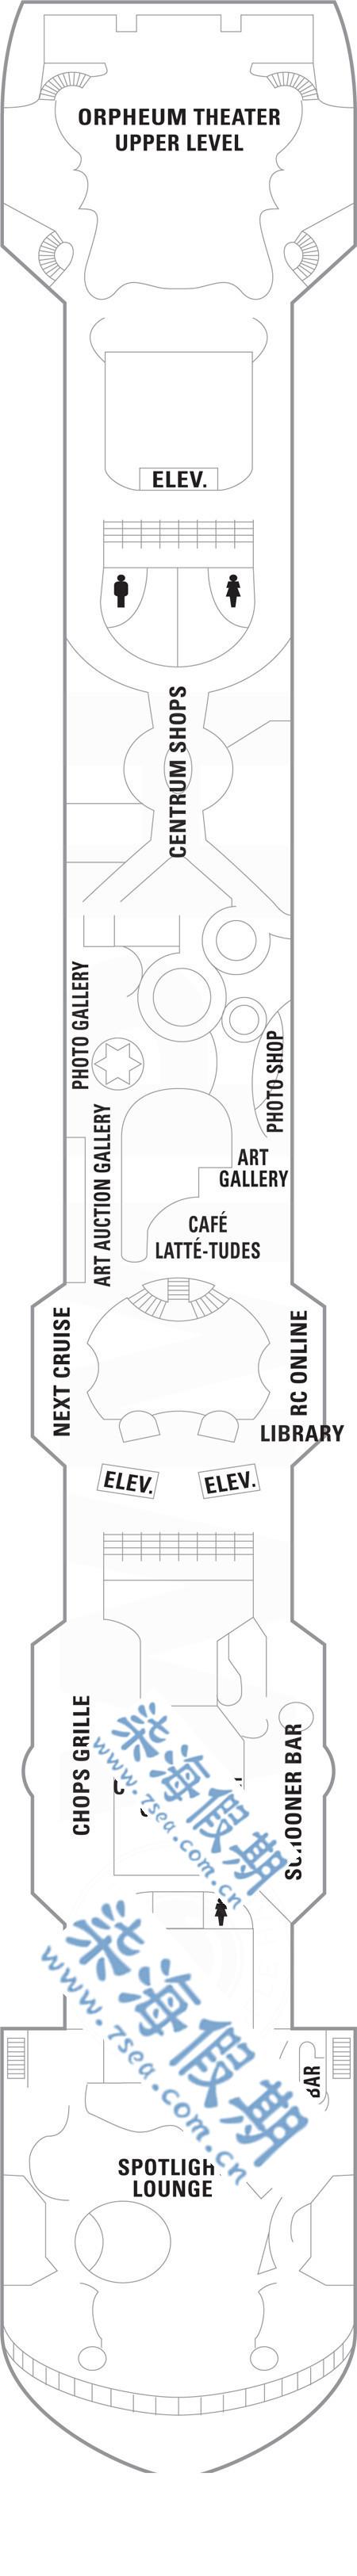 海洋餐厅平面布局图